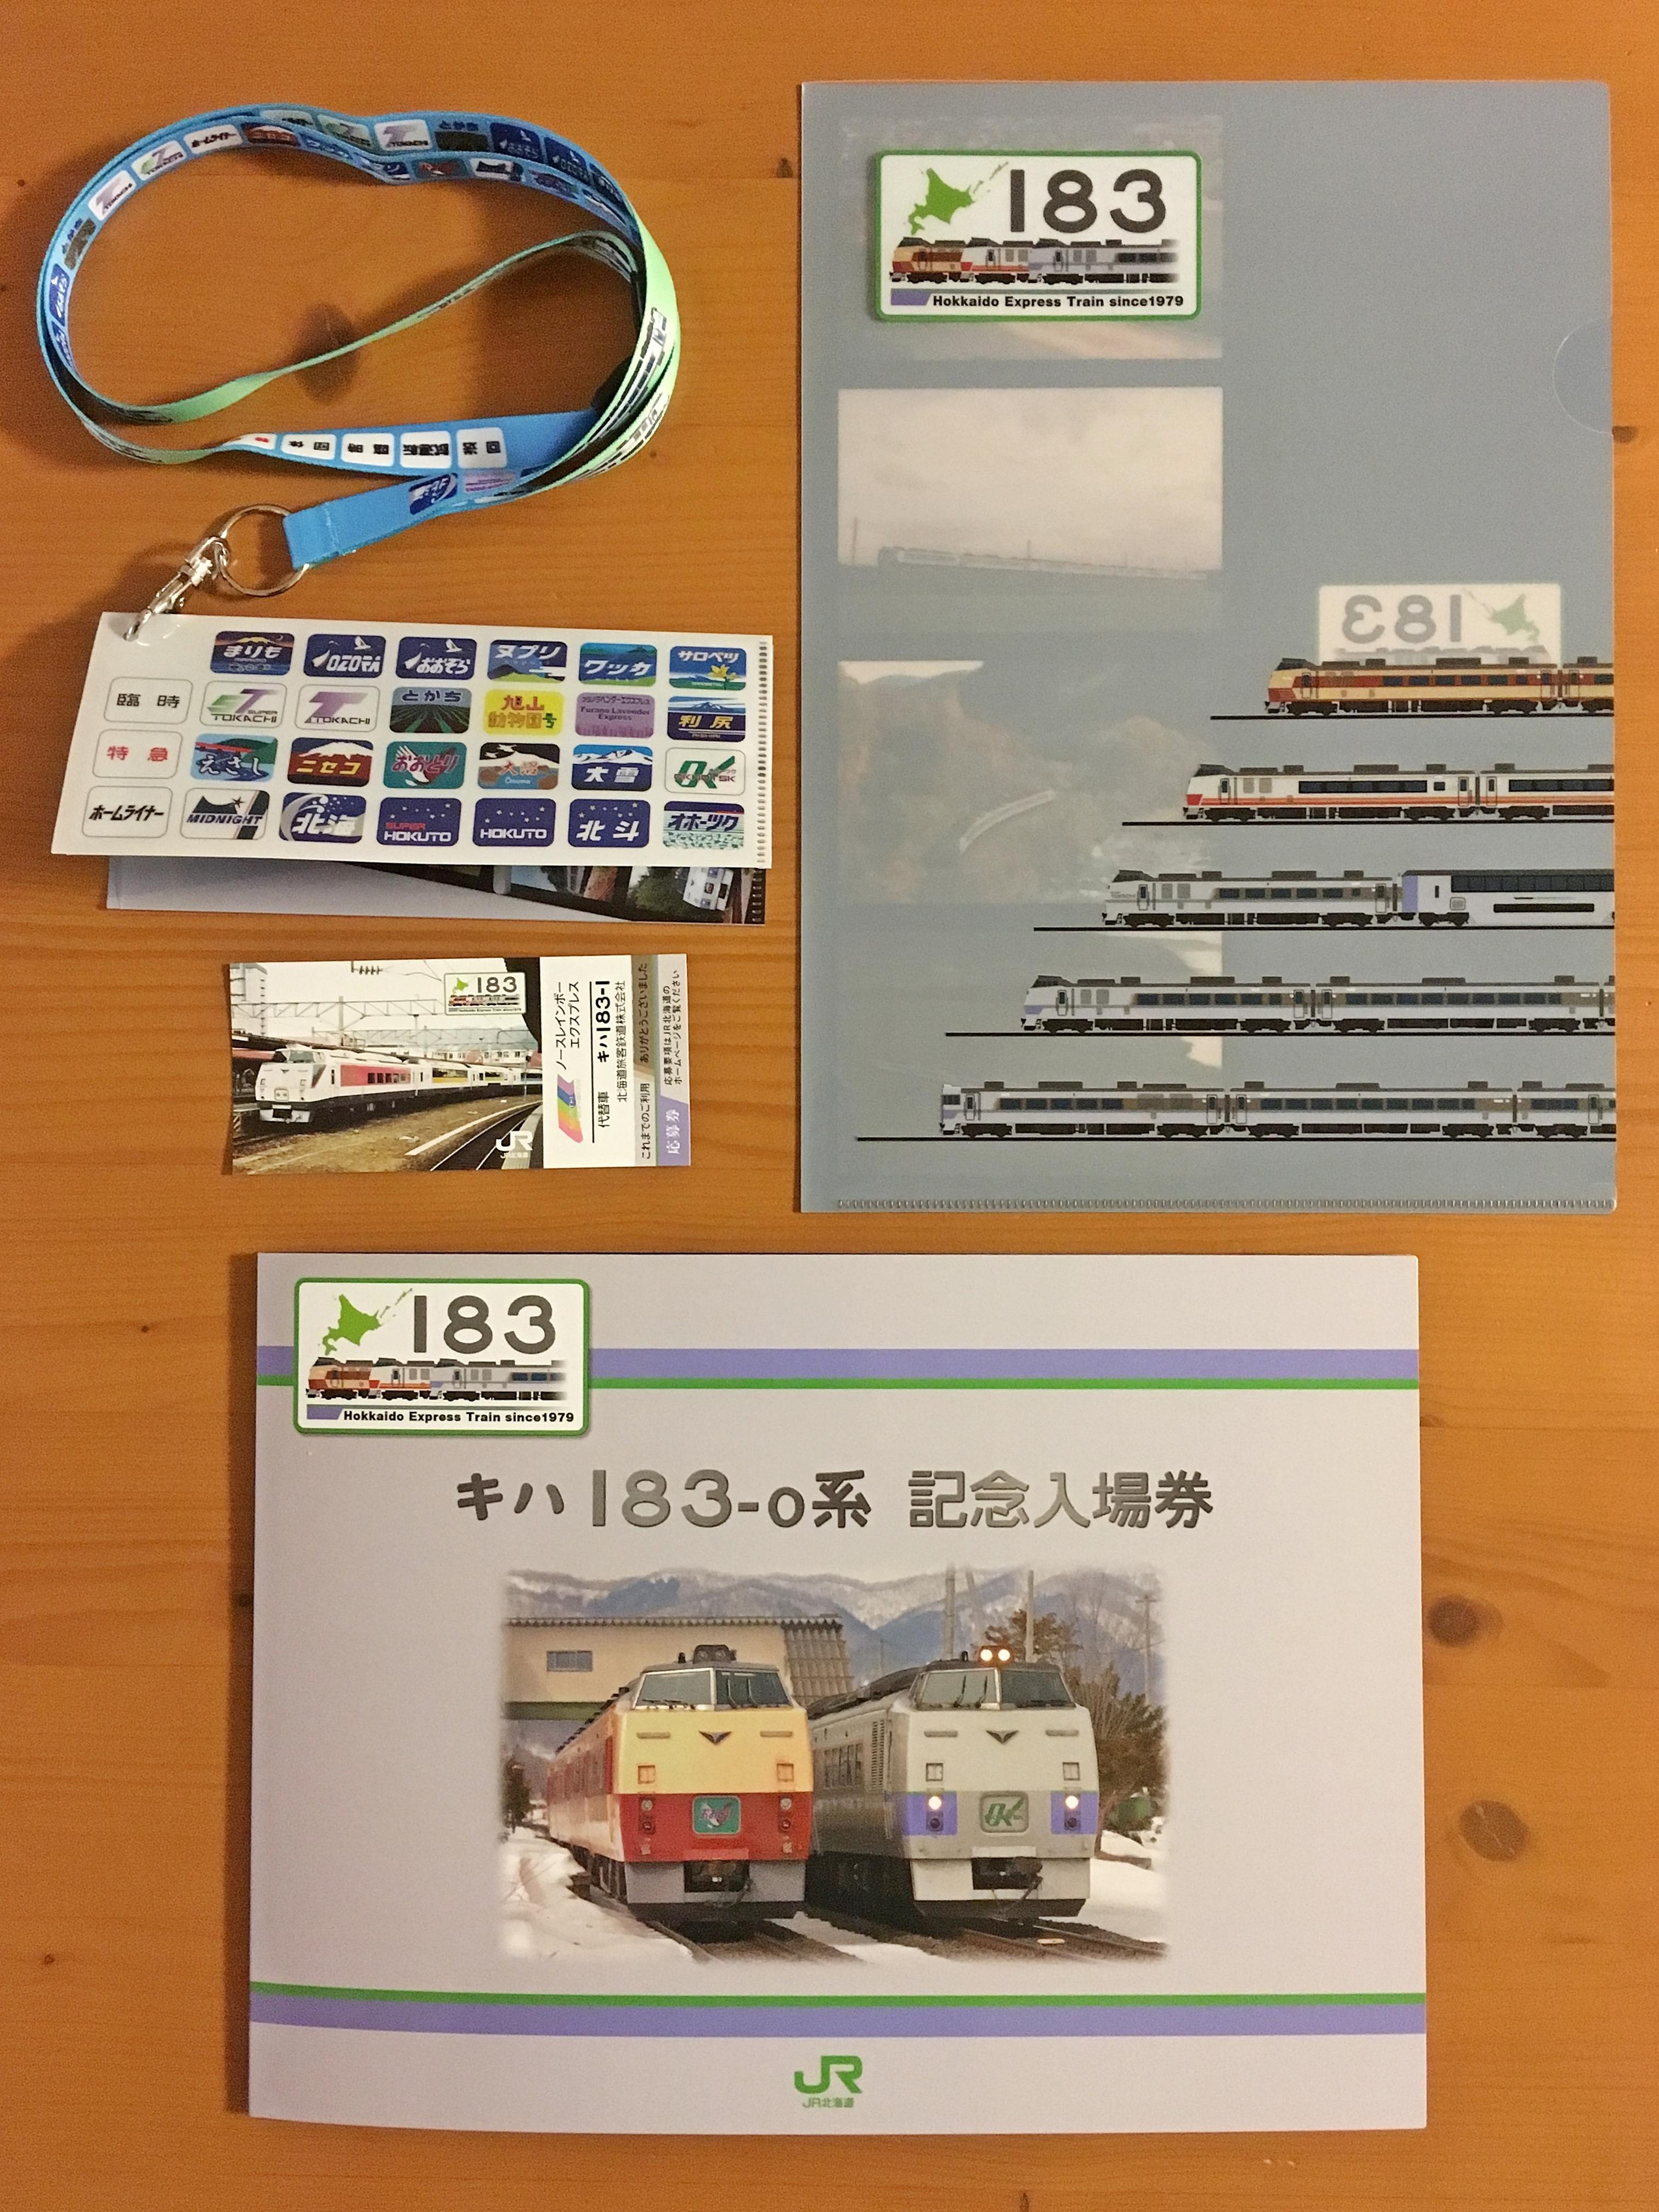 キハ183-0系 コレクショングッズ.JPG